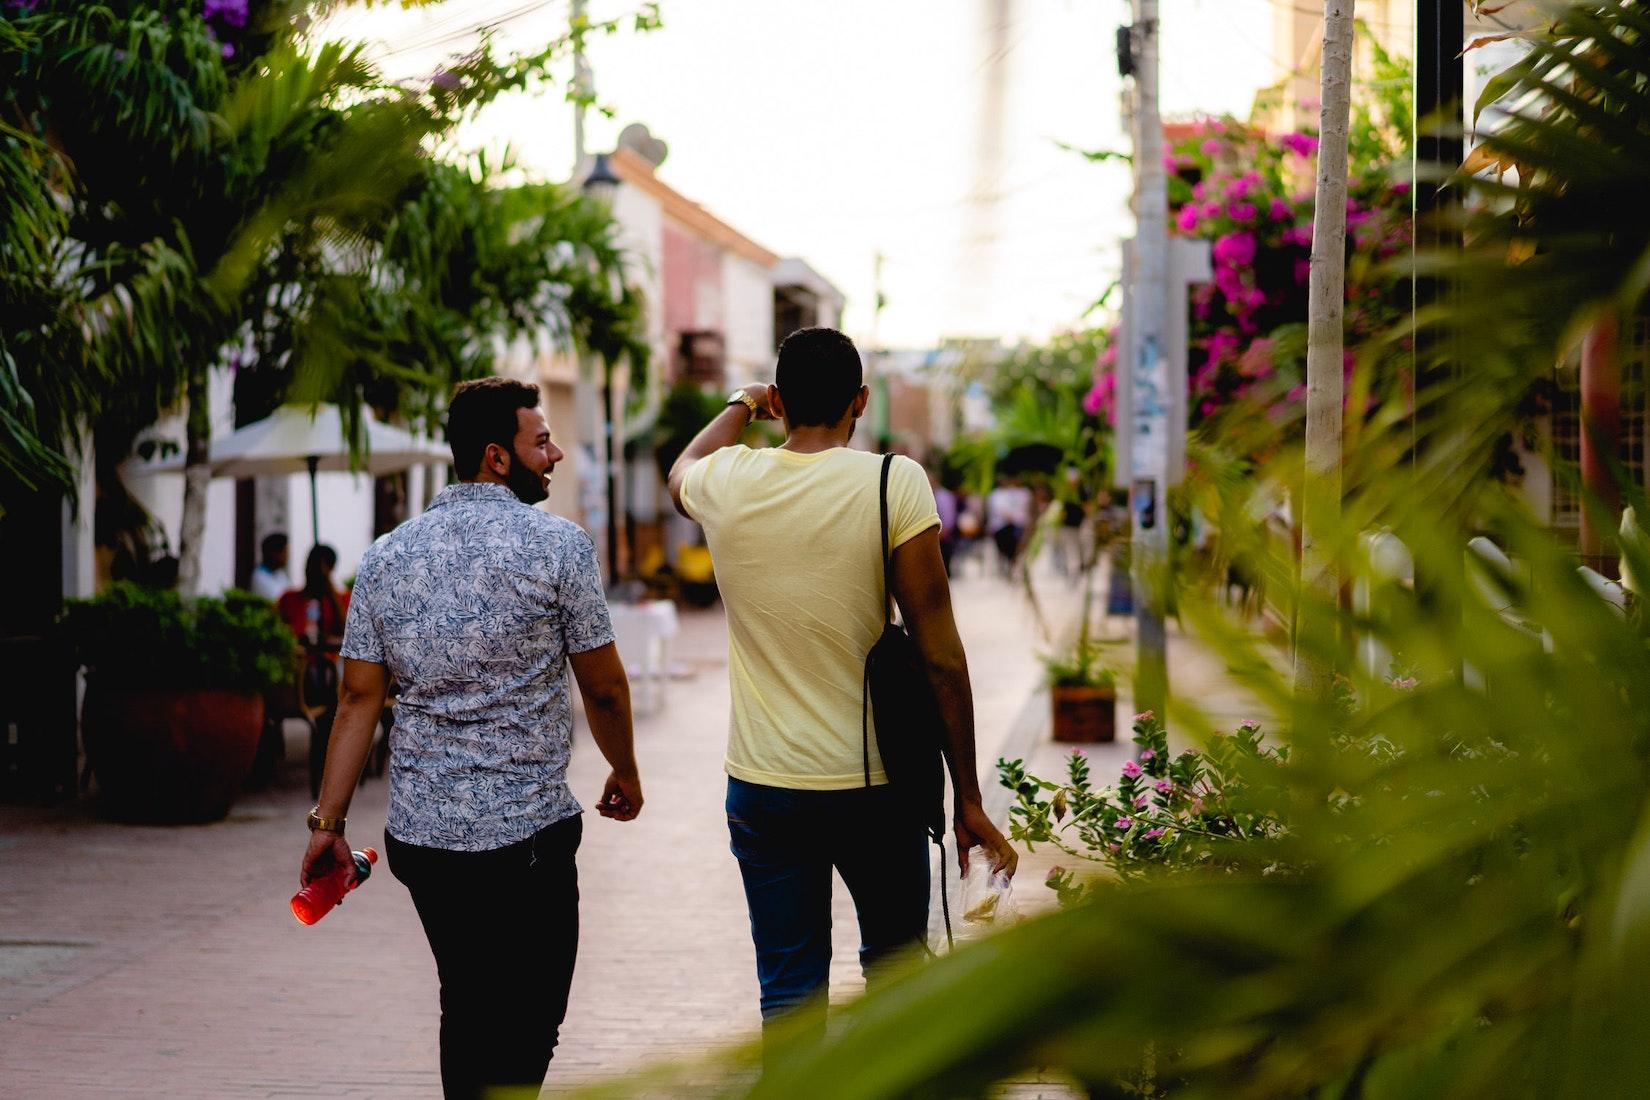 Two guys walking down a street in Santa Marta